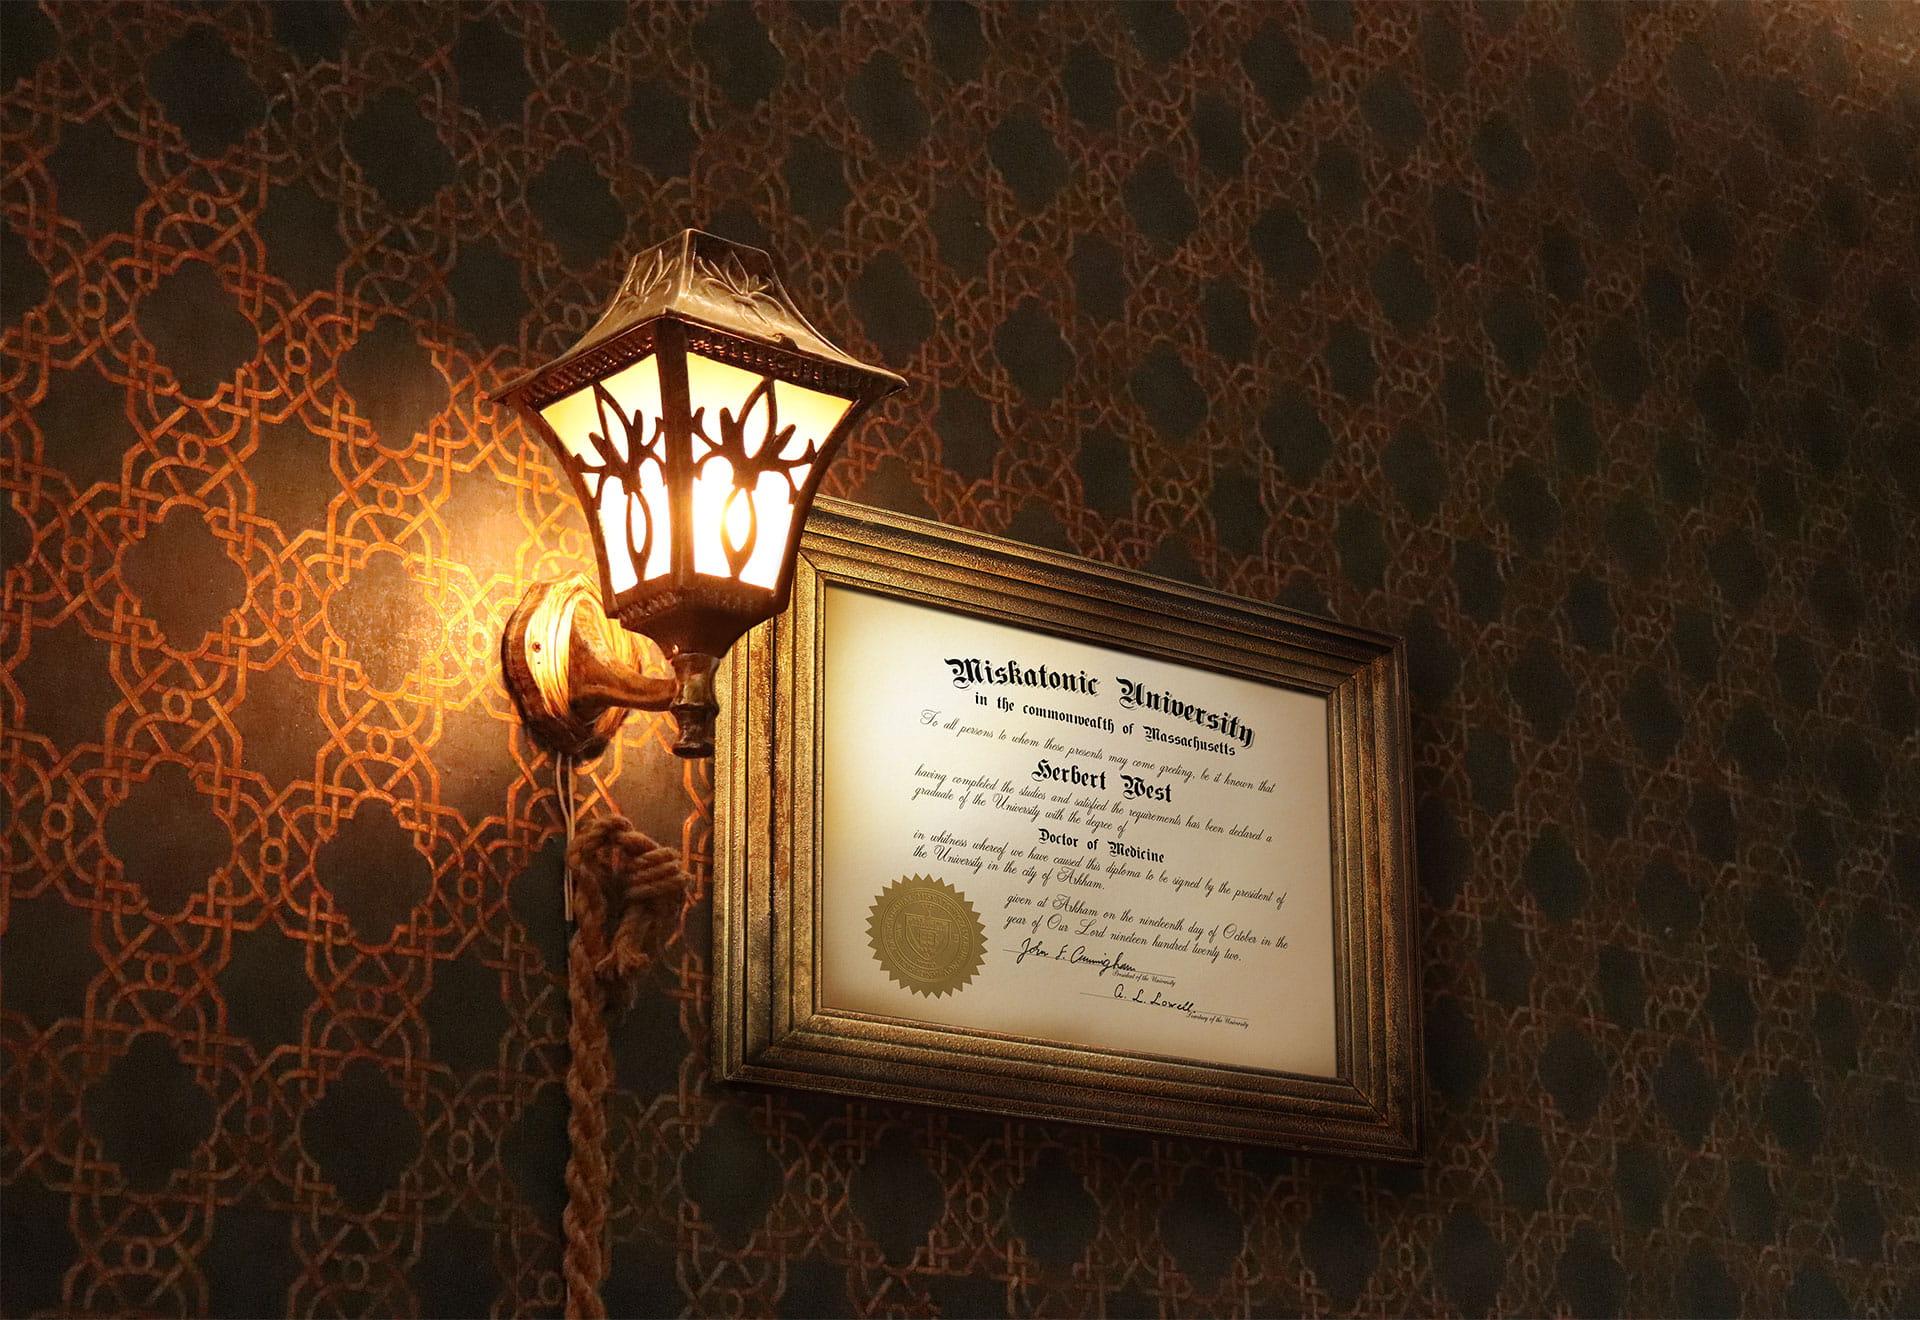 Vieux diplôme de médecine encadré et accroché sur un mur de papier peint ancien à côté d'une lampe en fer vintage